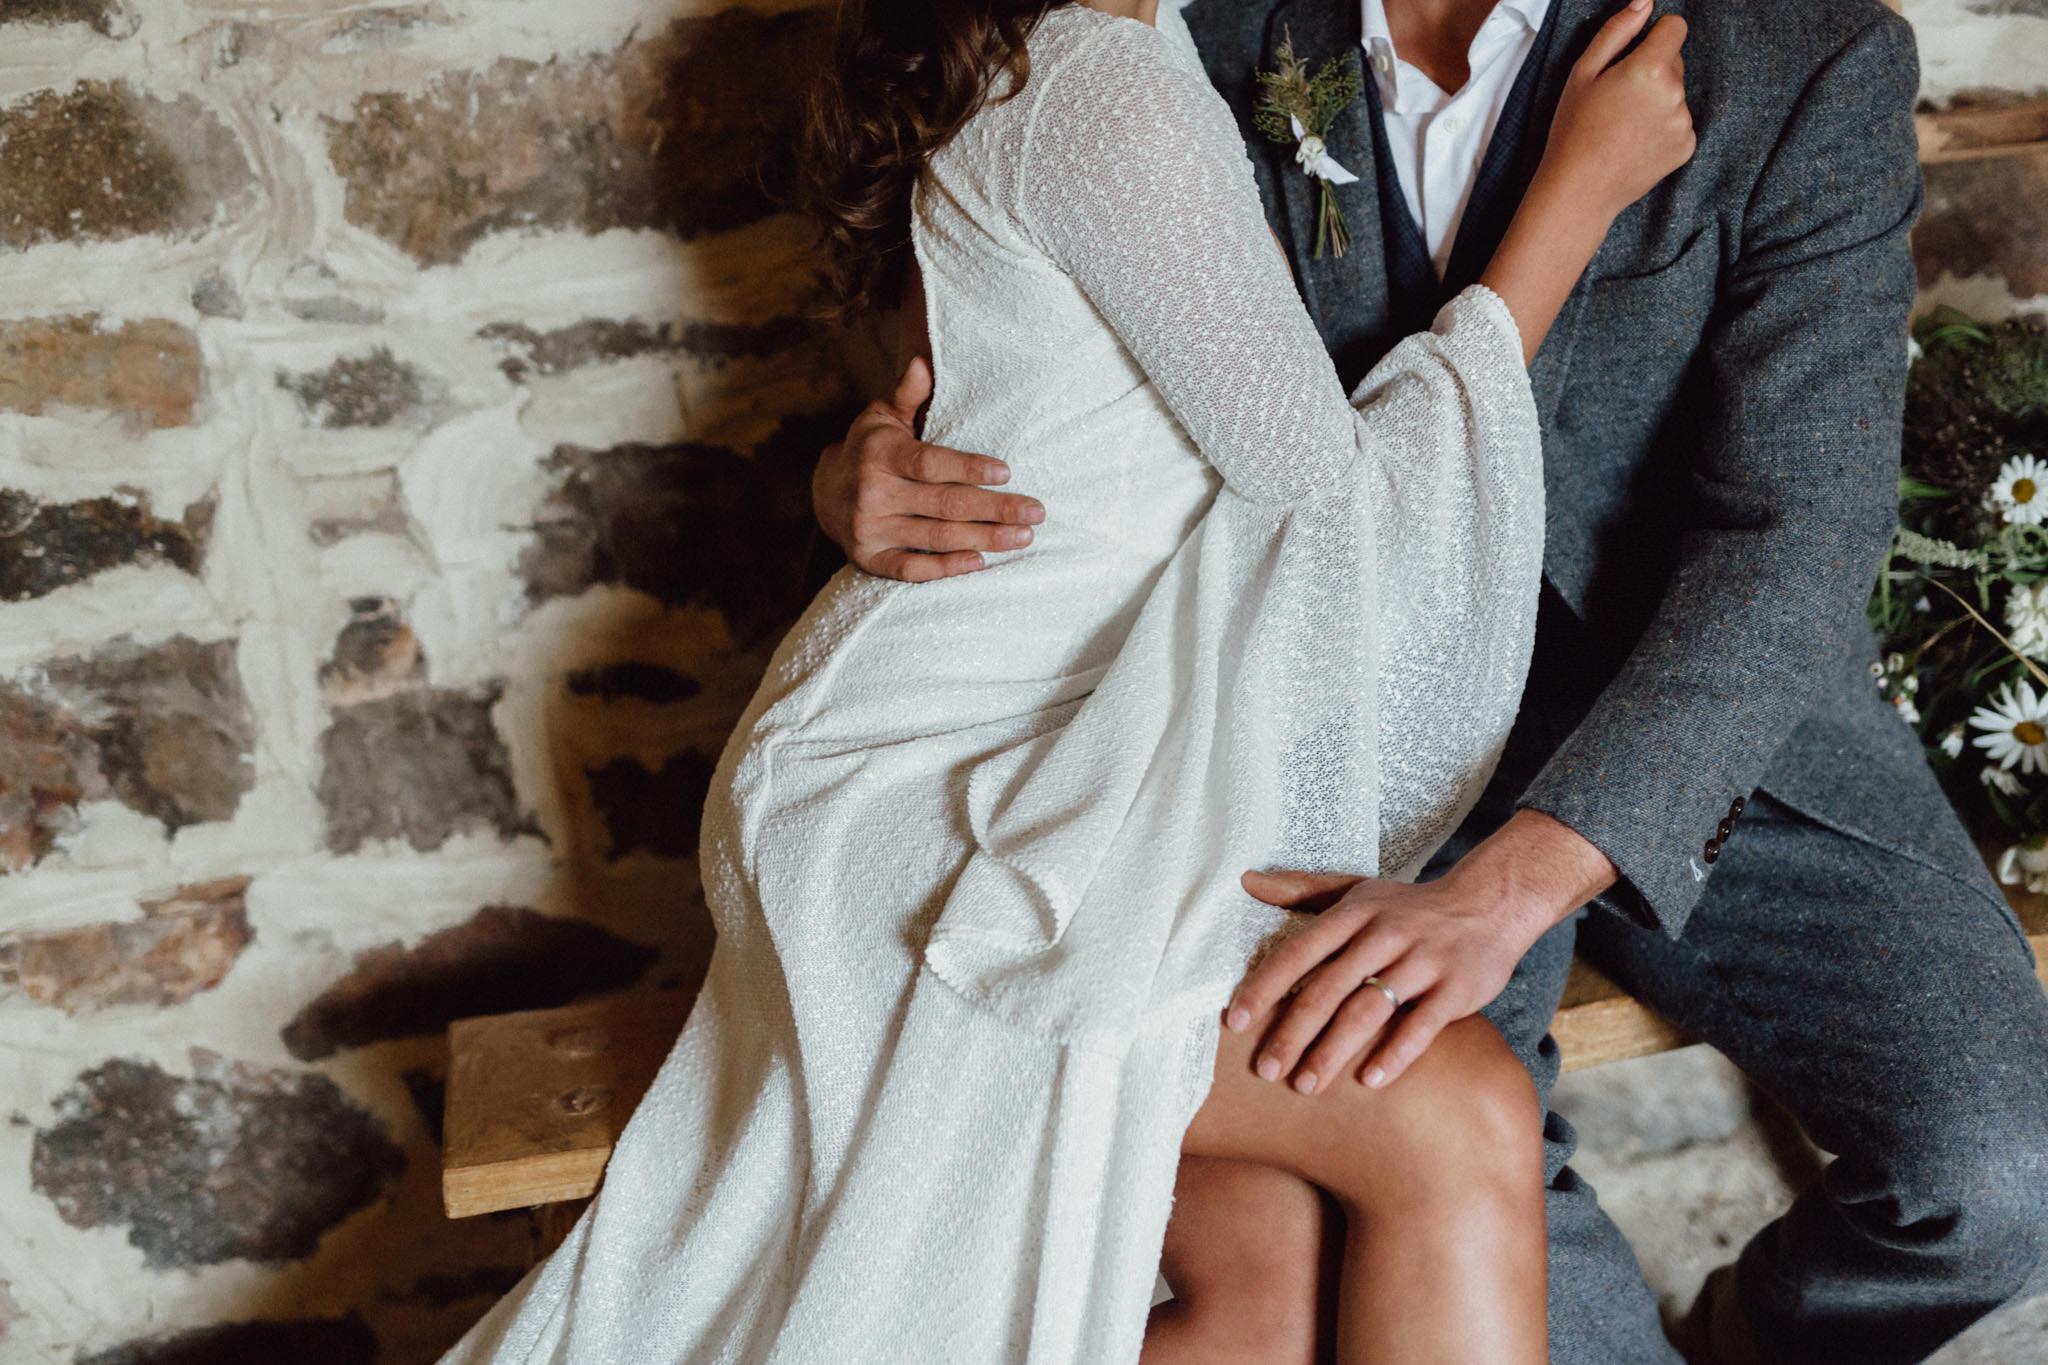 Bowral Wedding Photographer, Lanyon Homestead, Unveiled magazine, country wedding inspiration, boho wedding, Shae Estella Photo, Canberra wedding photographer, grace loves lace, spell bride, southern highlands wedding